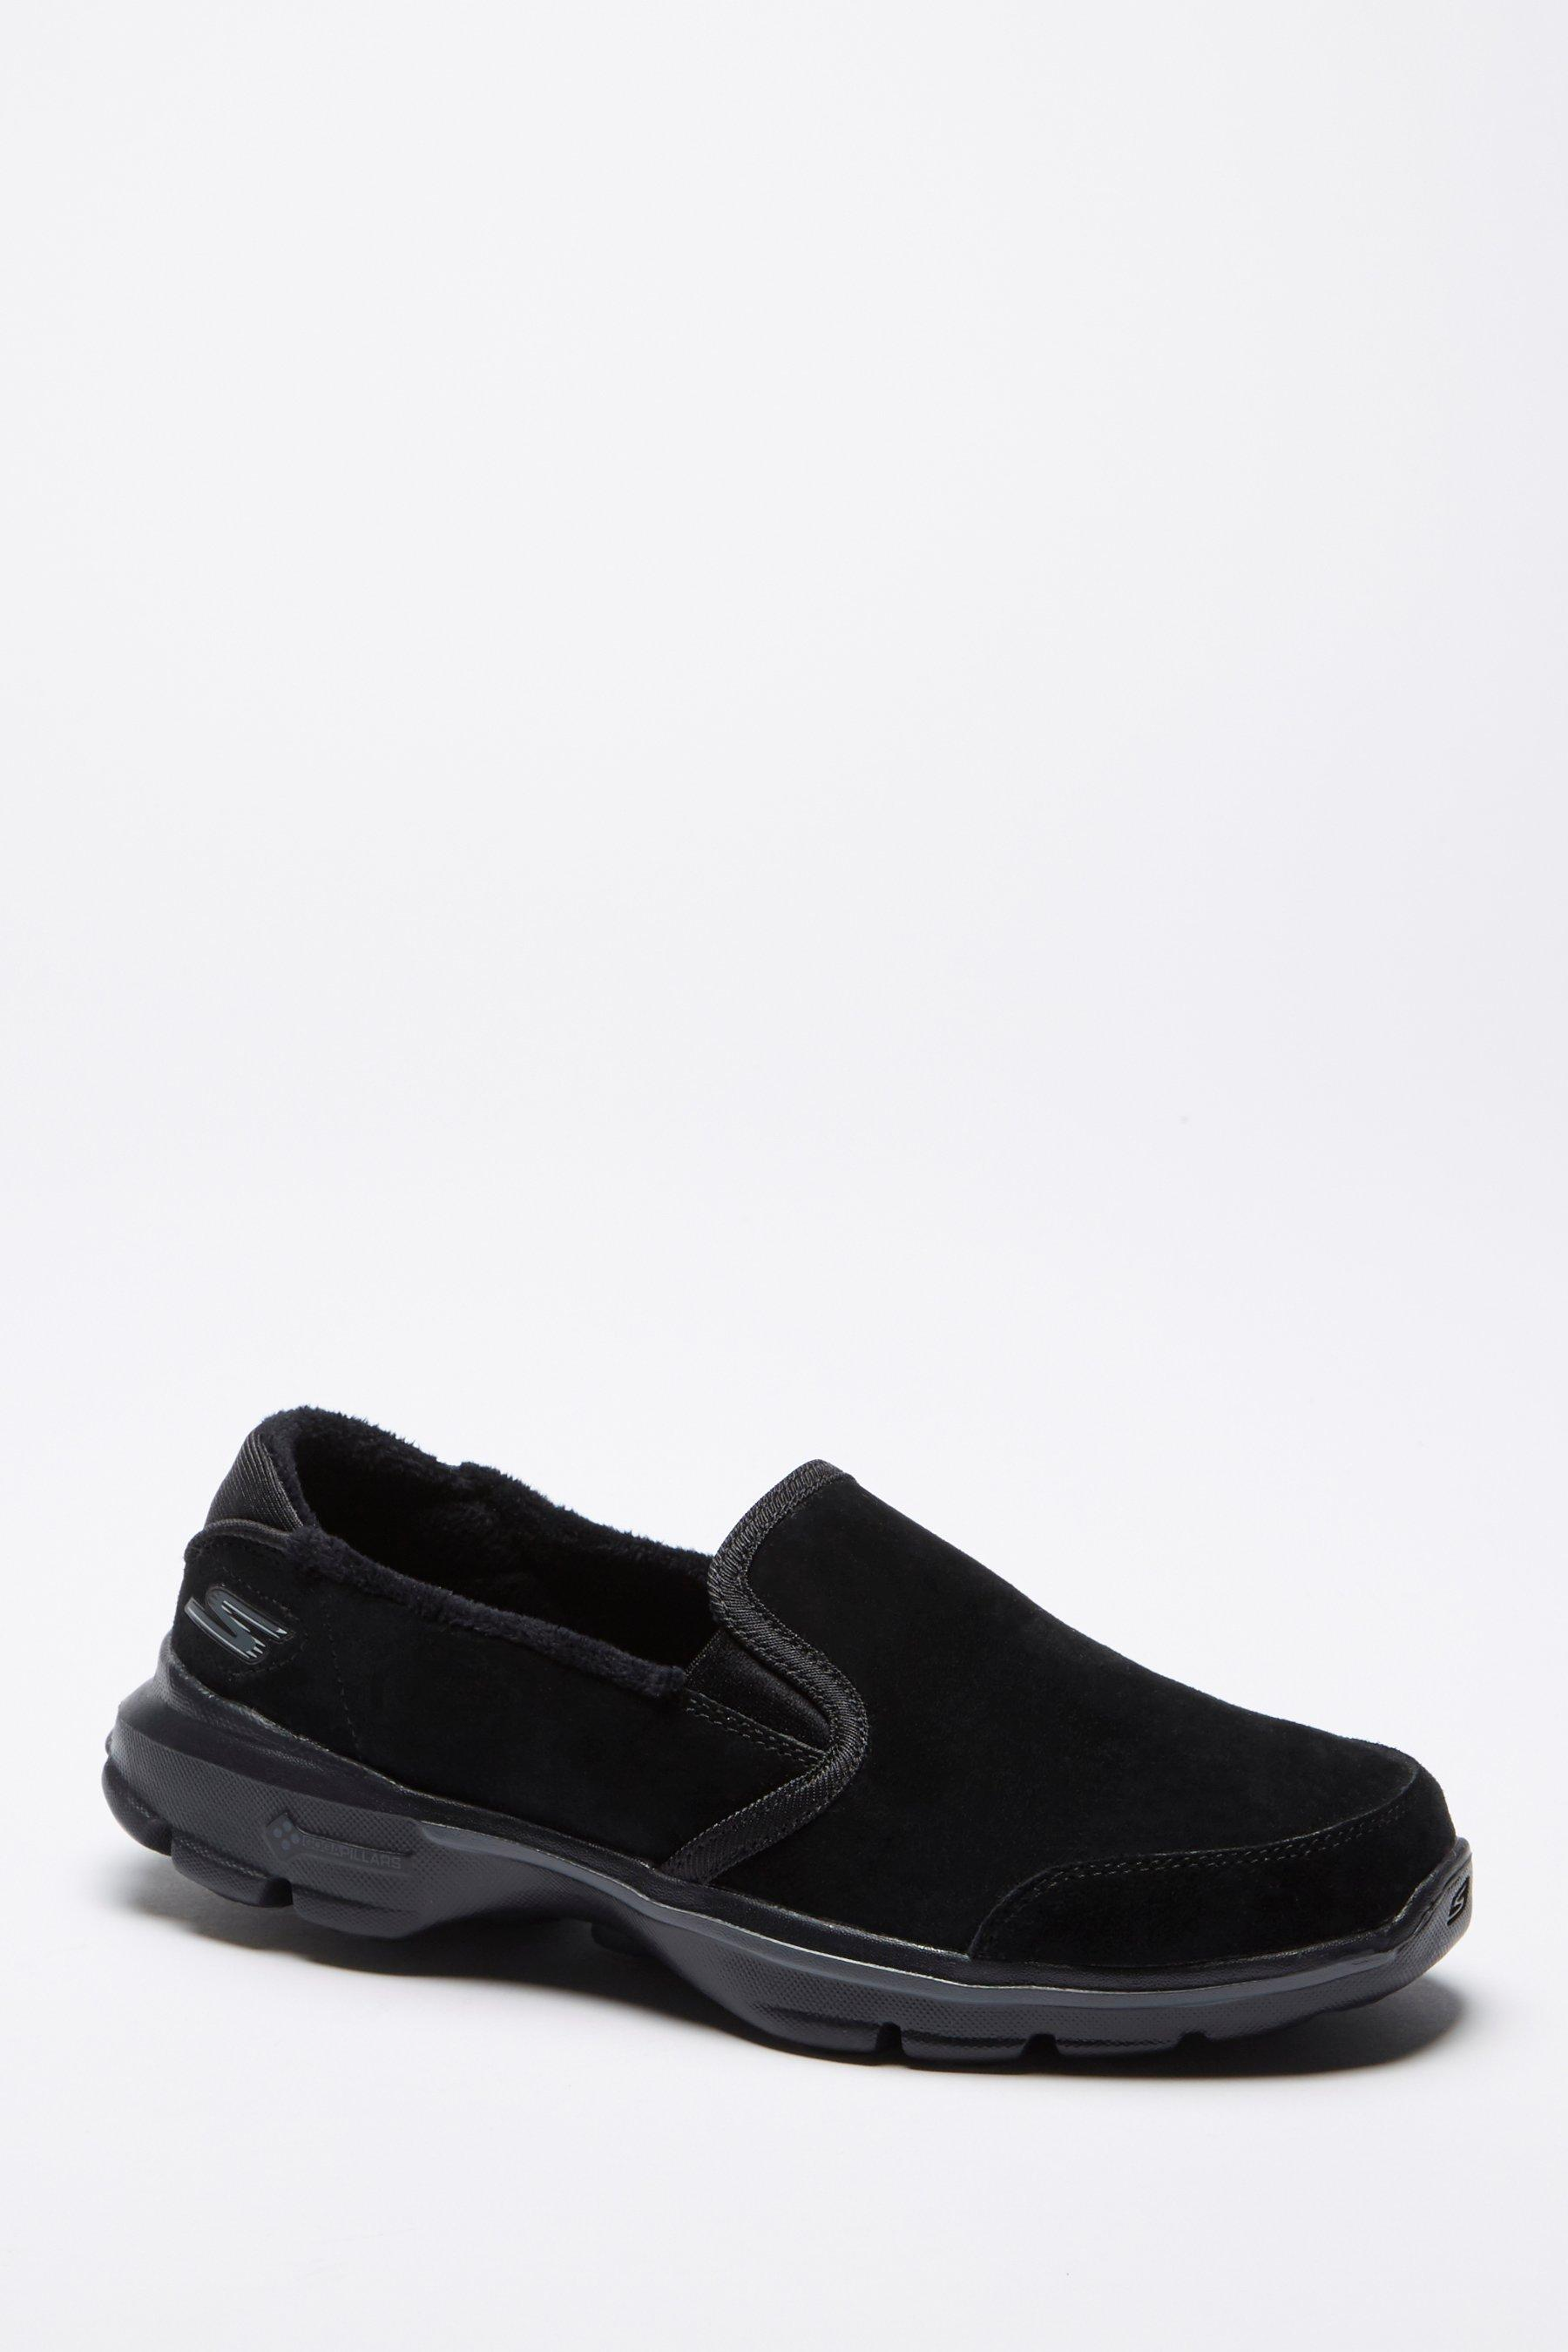 more selection Firetrap Razor Lace Ladies Shoes 92oC2037s949